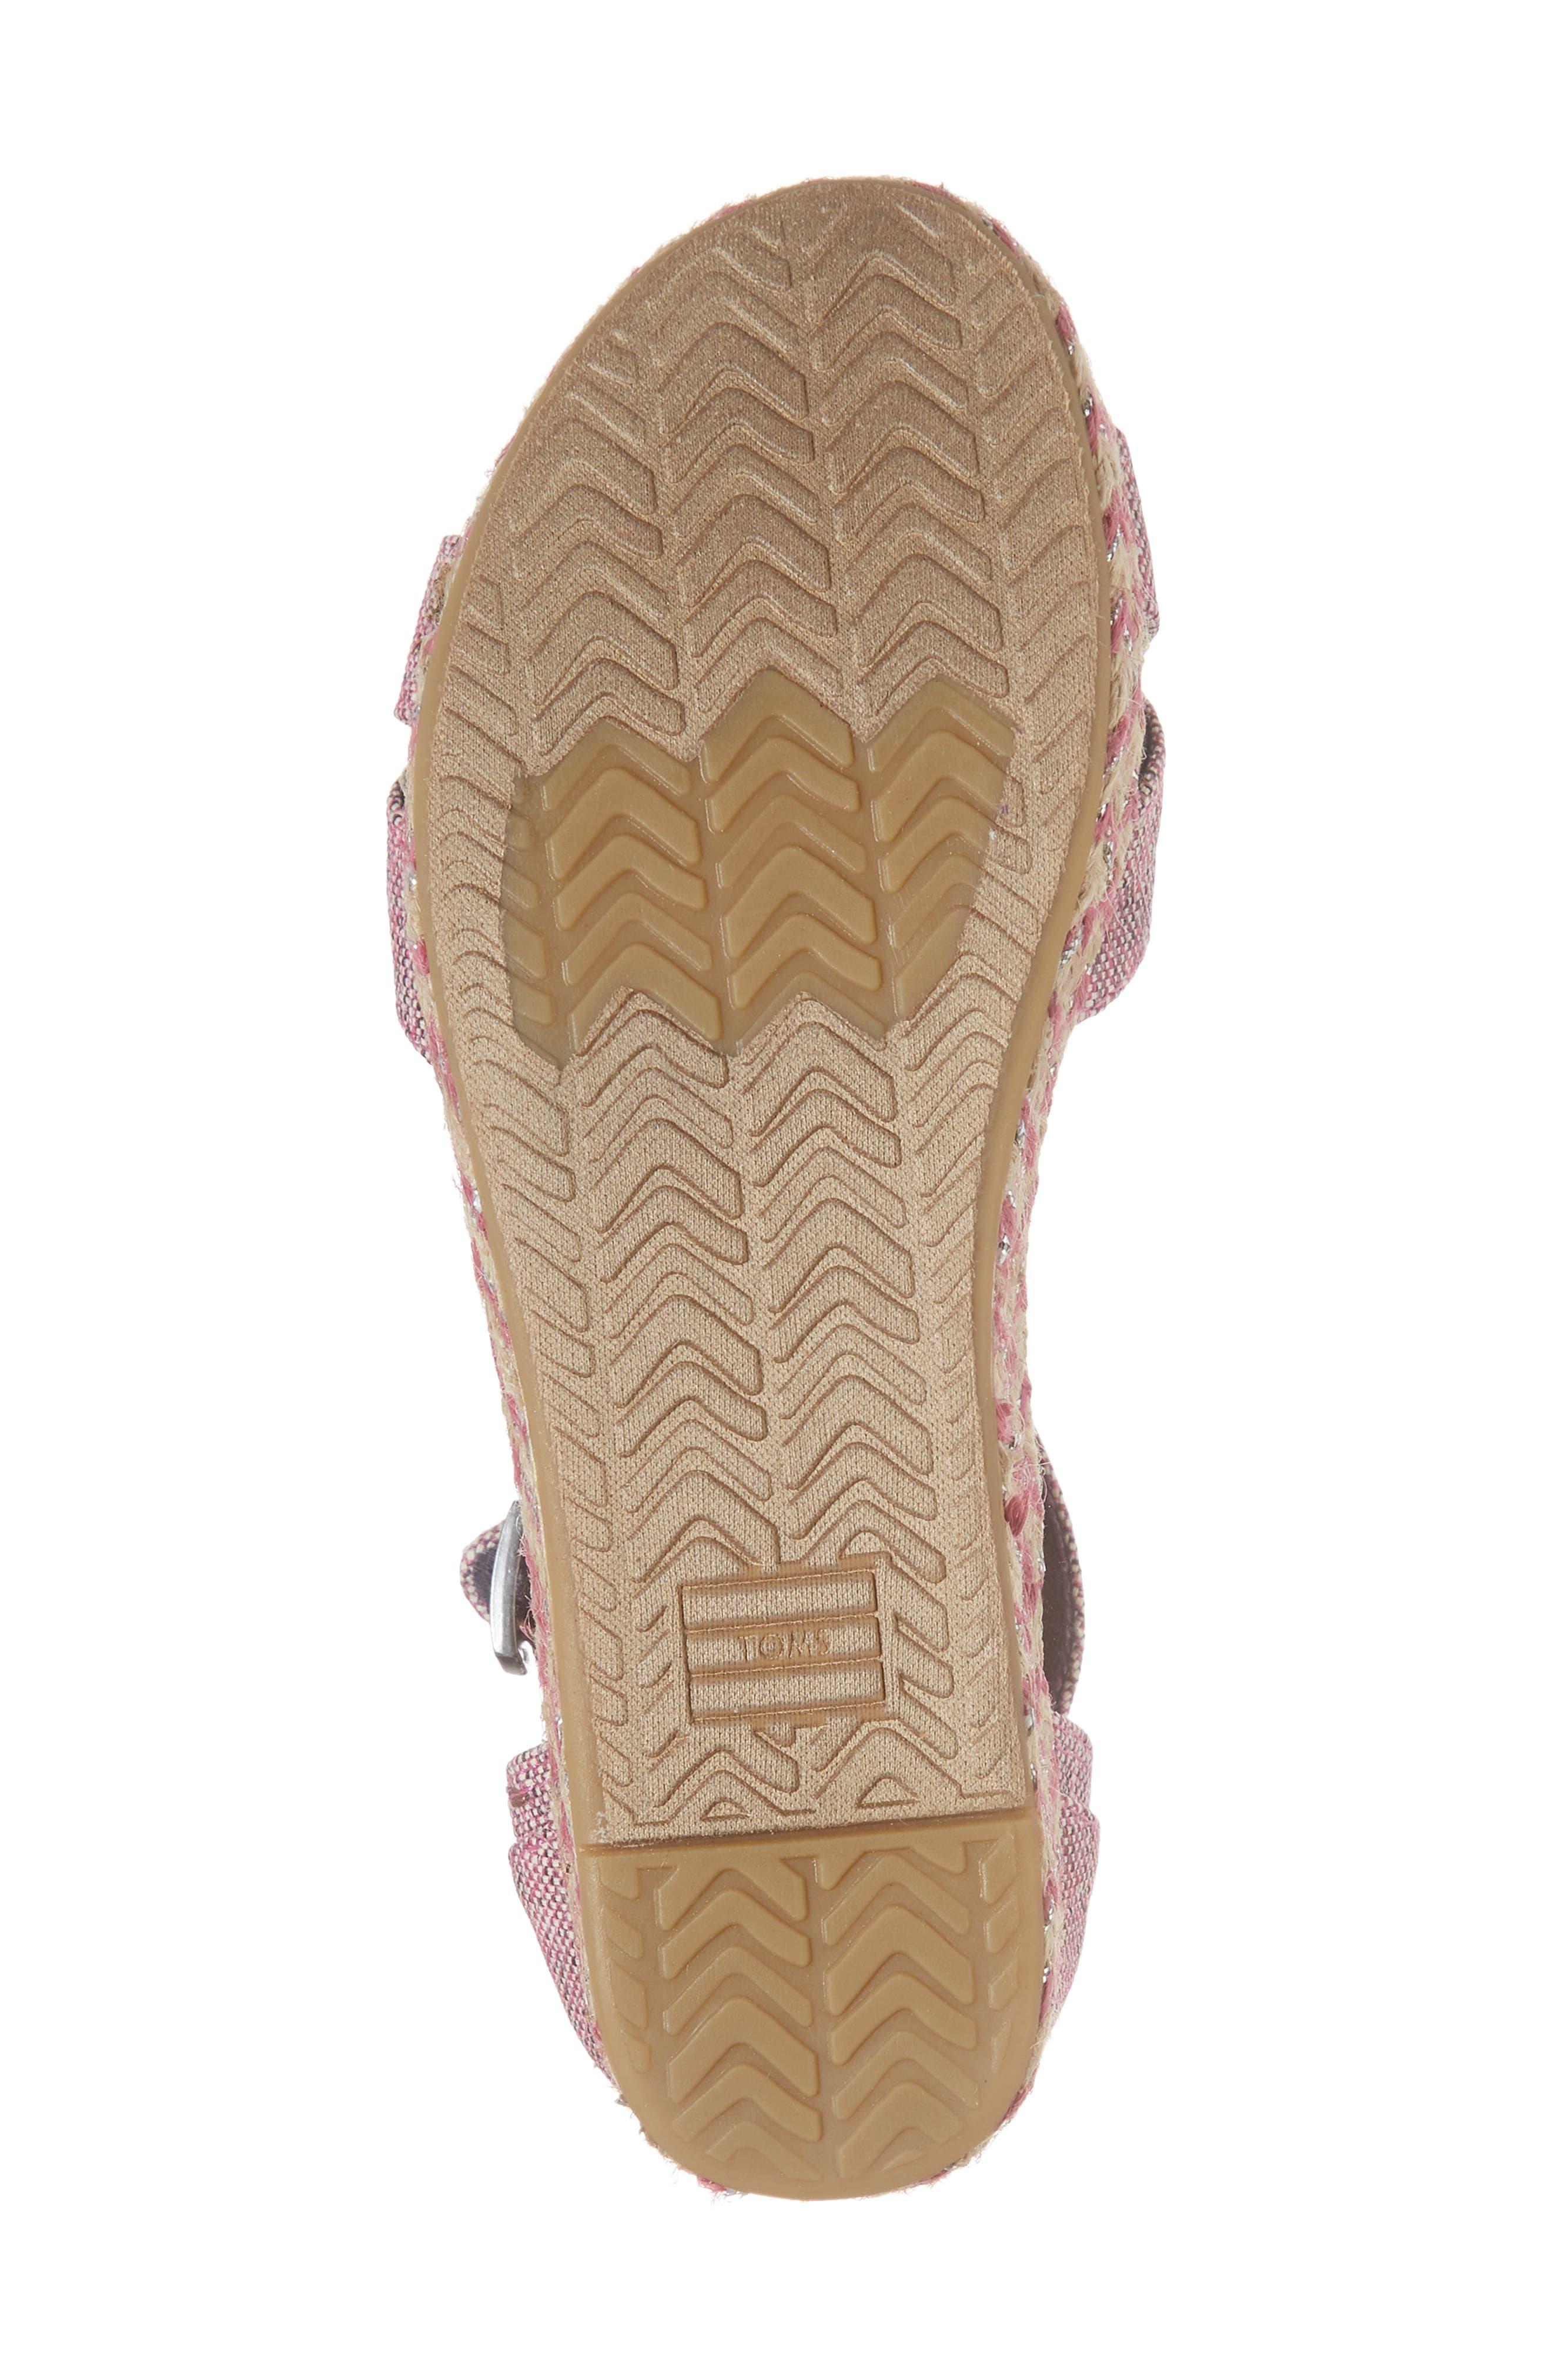 Harper Wedge Sandal,                             Alternate thumbnail 6, color,                             Plum Oxford Melange